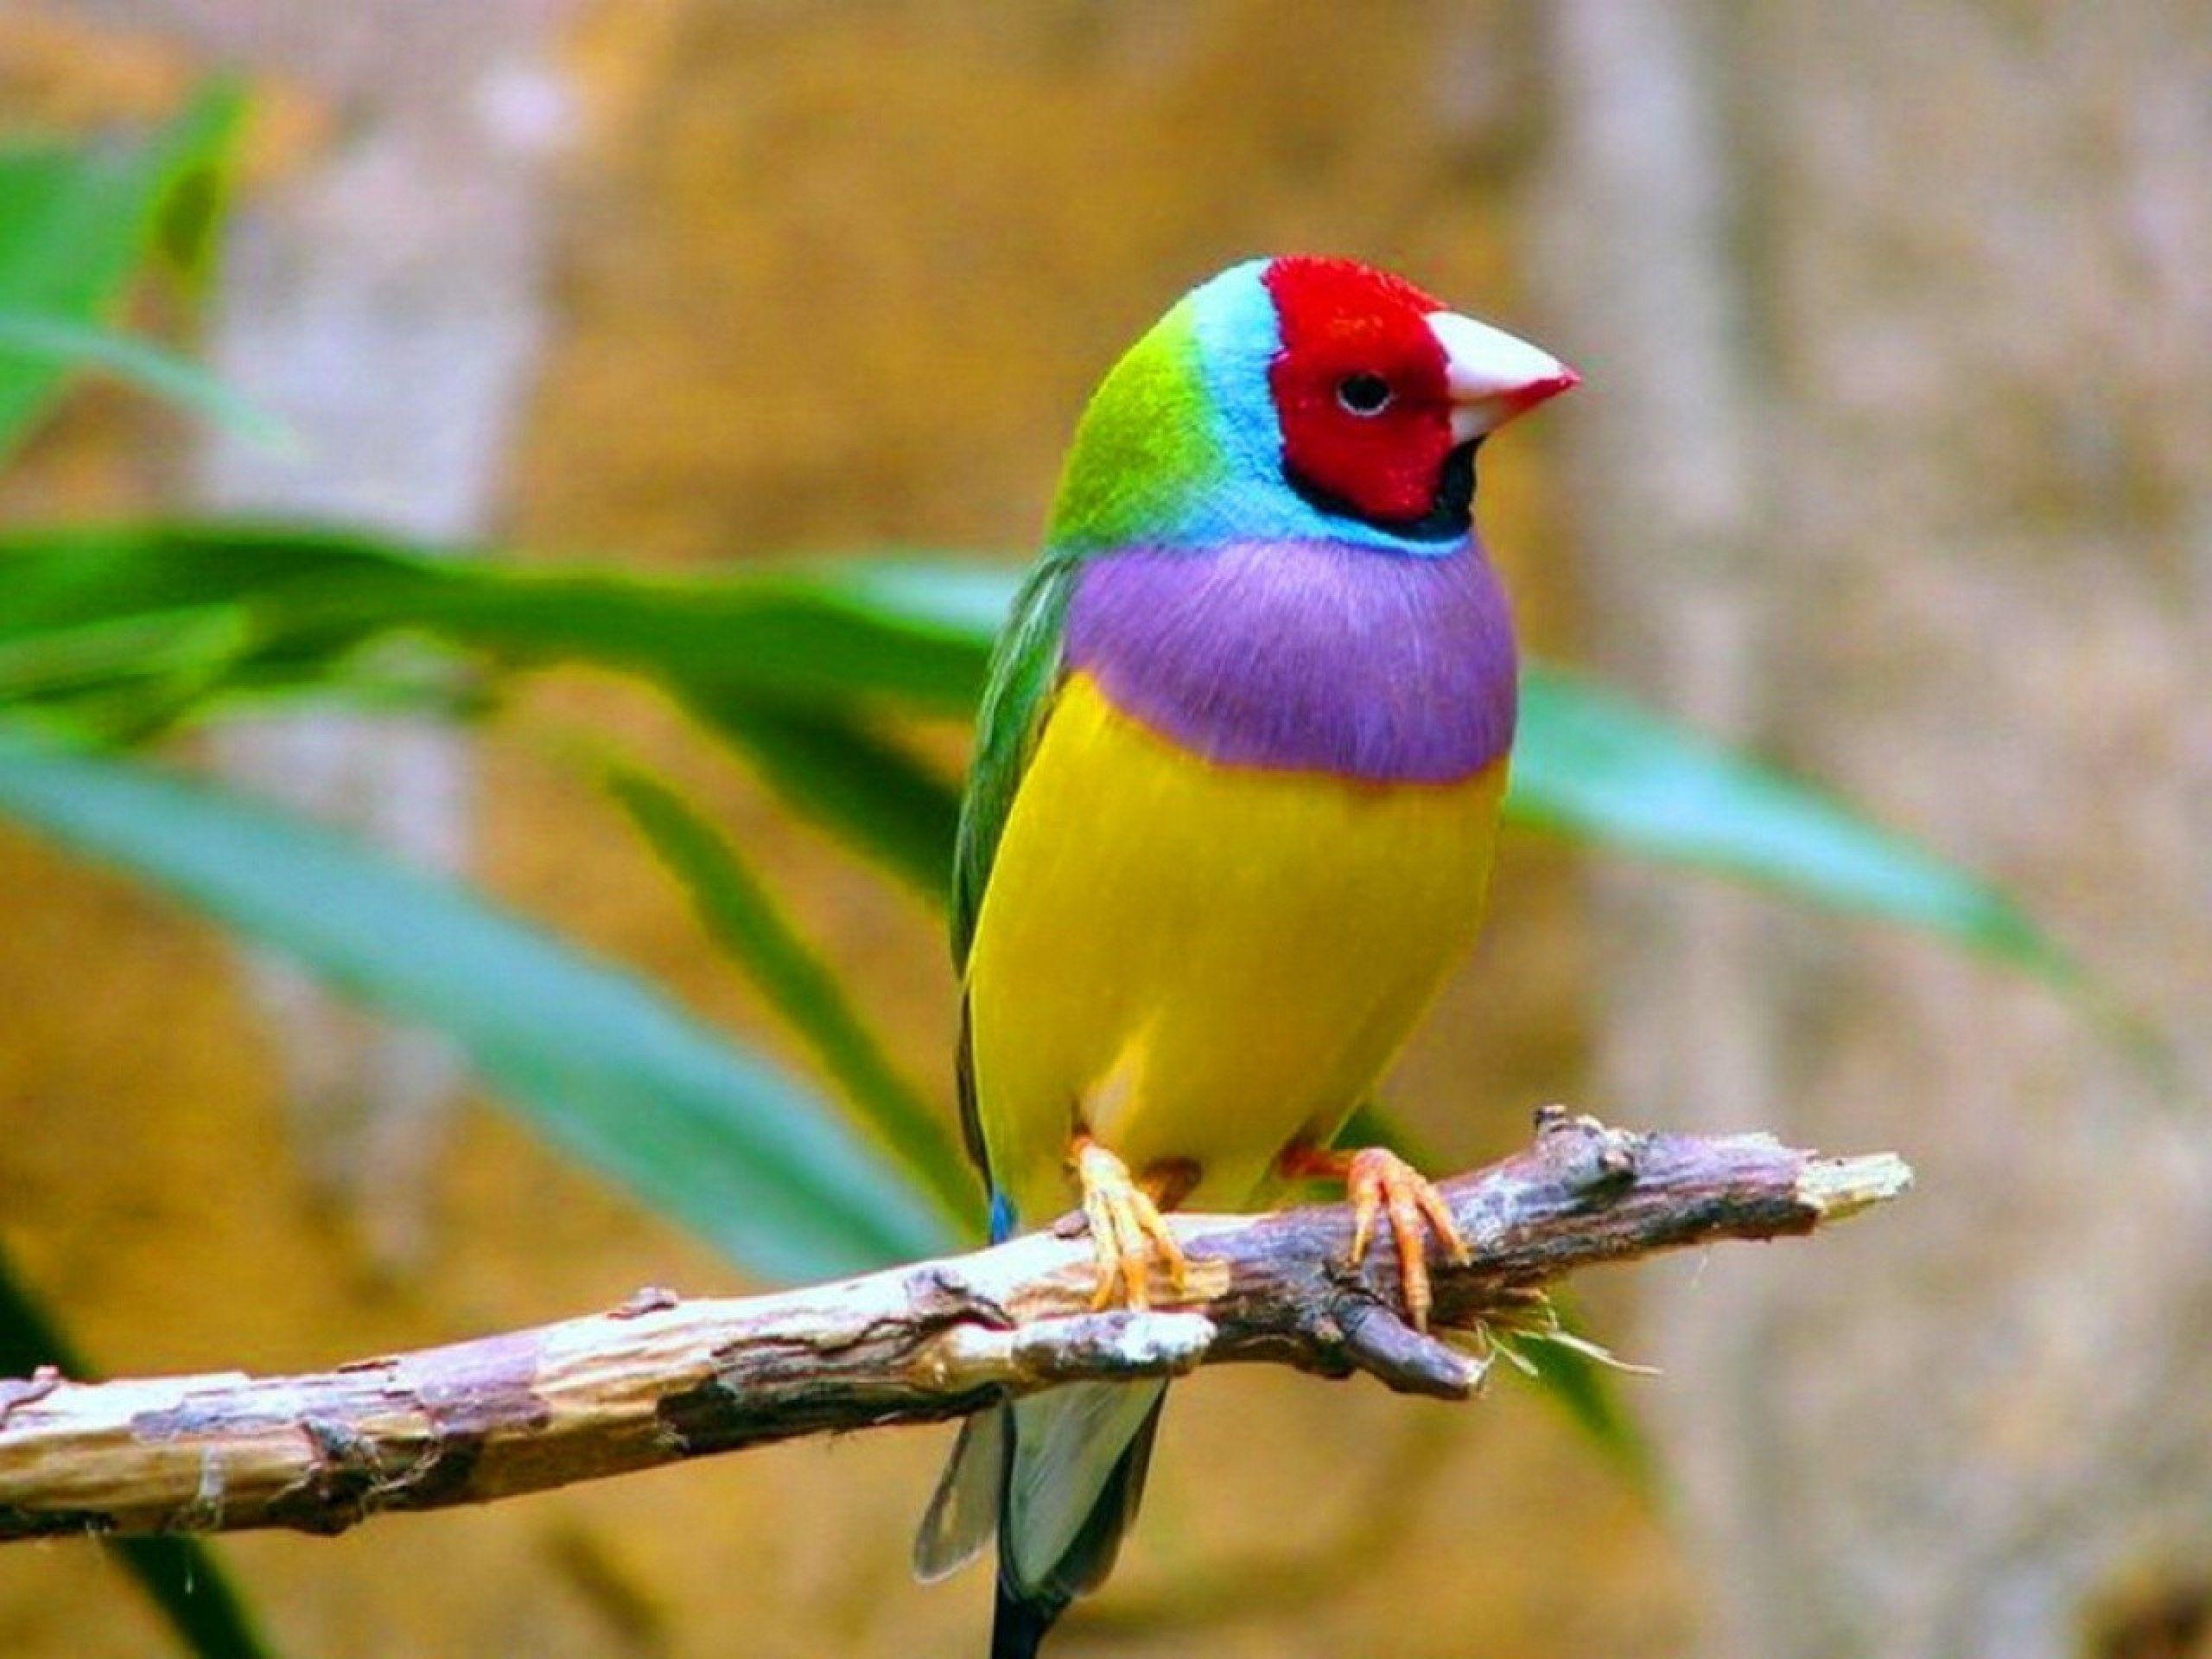 بالصور اجمل الطيور في العالم , تعرف علي اجمل واروع اشكال الطيور 3467 5